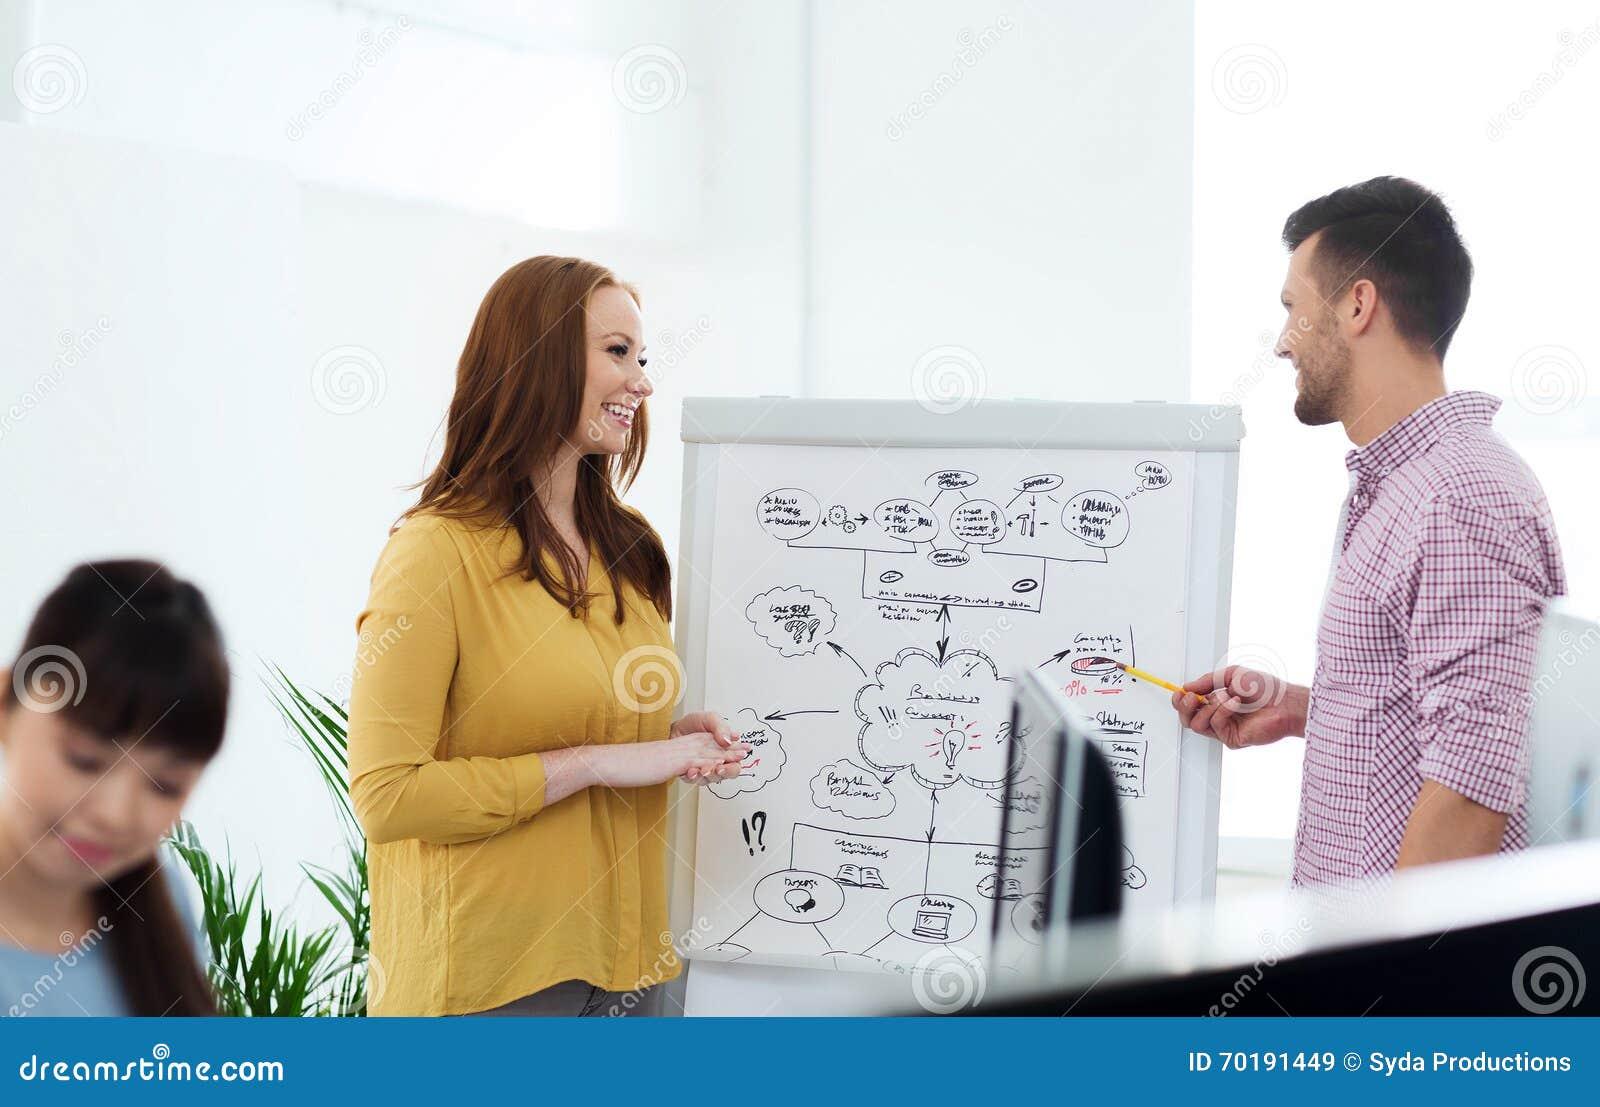 Idérikt lag med intrig på flipboard på kontoret